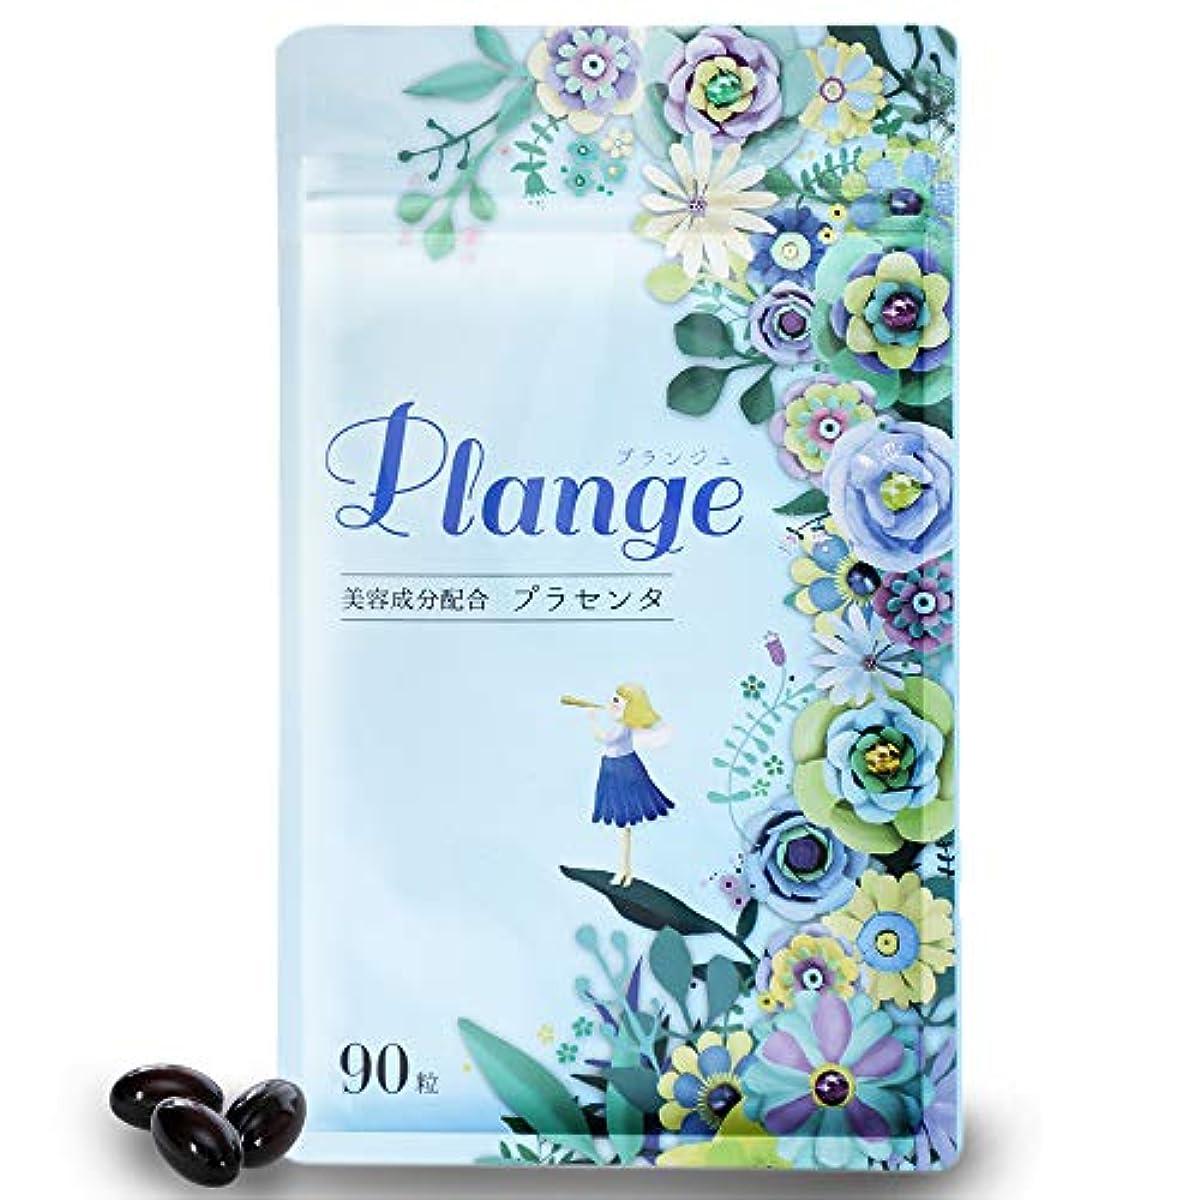 [해외] Plange 태반 보조 식품 (1개 90알)